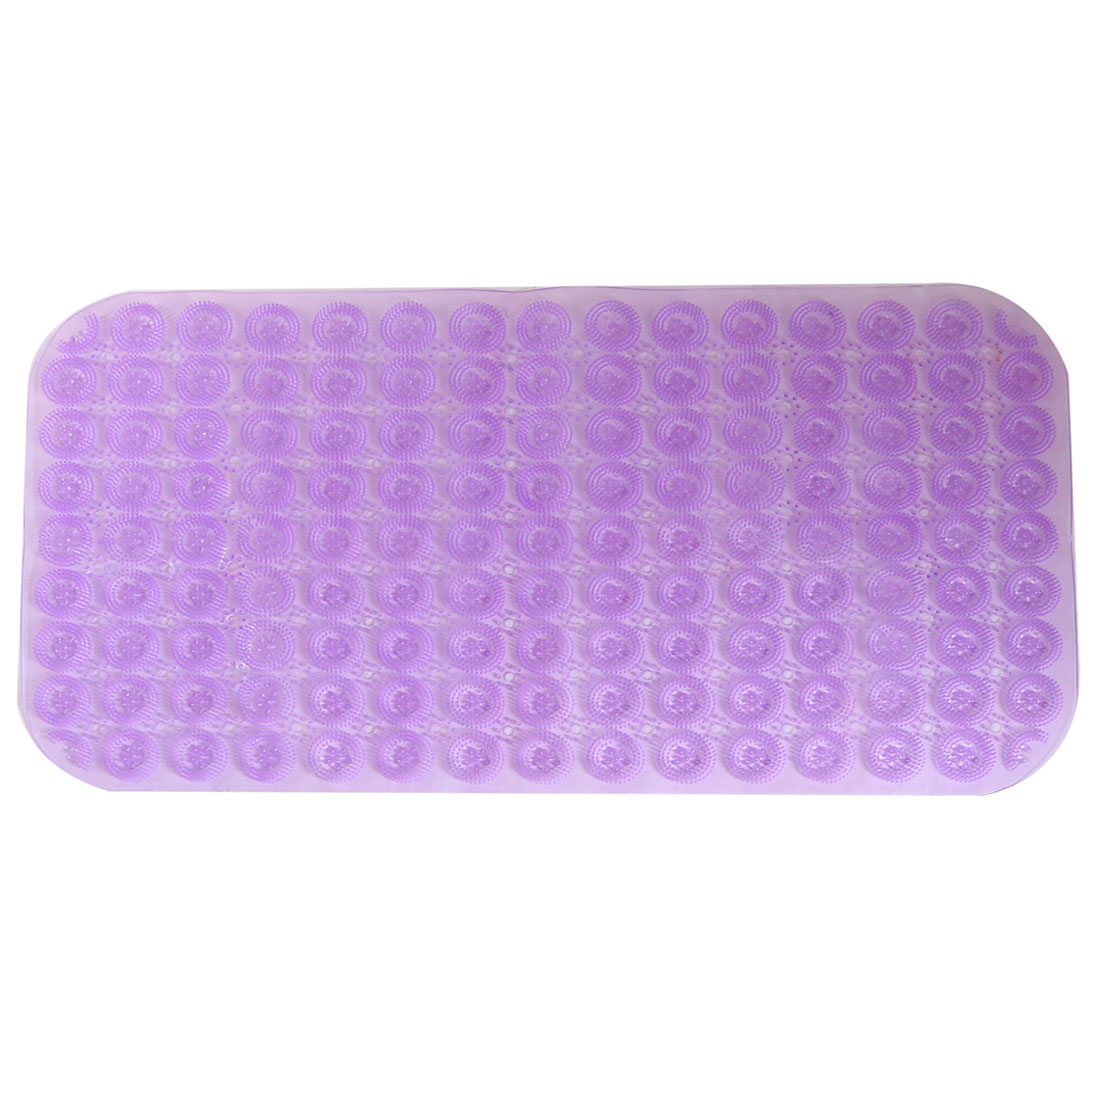 Salle-bains-PVC-anti-derapant-Motif-fleur-Tapis-bain-douche-Violet-70cm-x-38cm